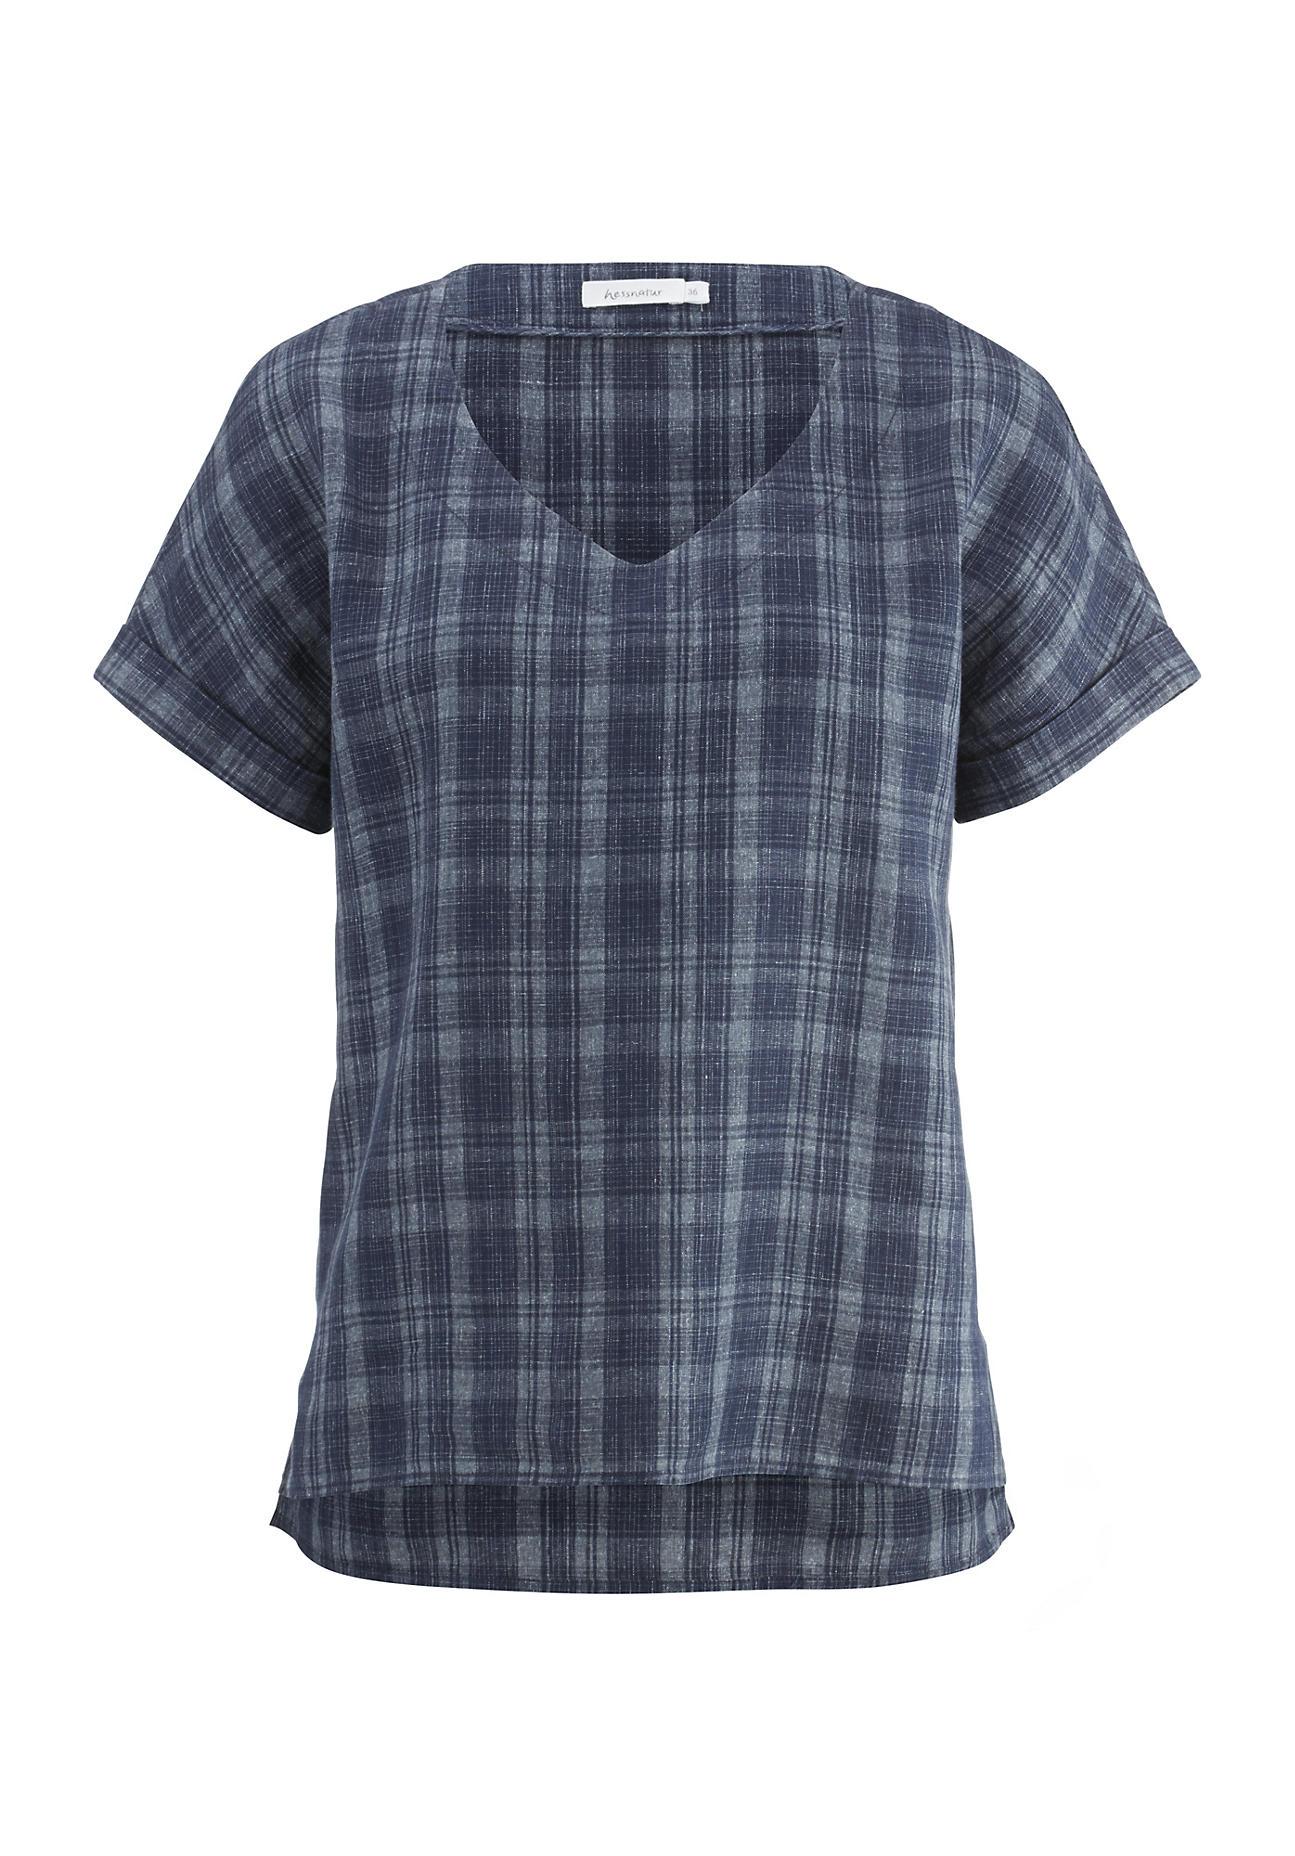 hessnatur Damen Karo-Bluse aus Leinen mit Baumwolle – blau – Größe 36 | Bekleidung > Blusen > Karoblusen | hessnatur